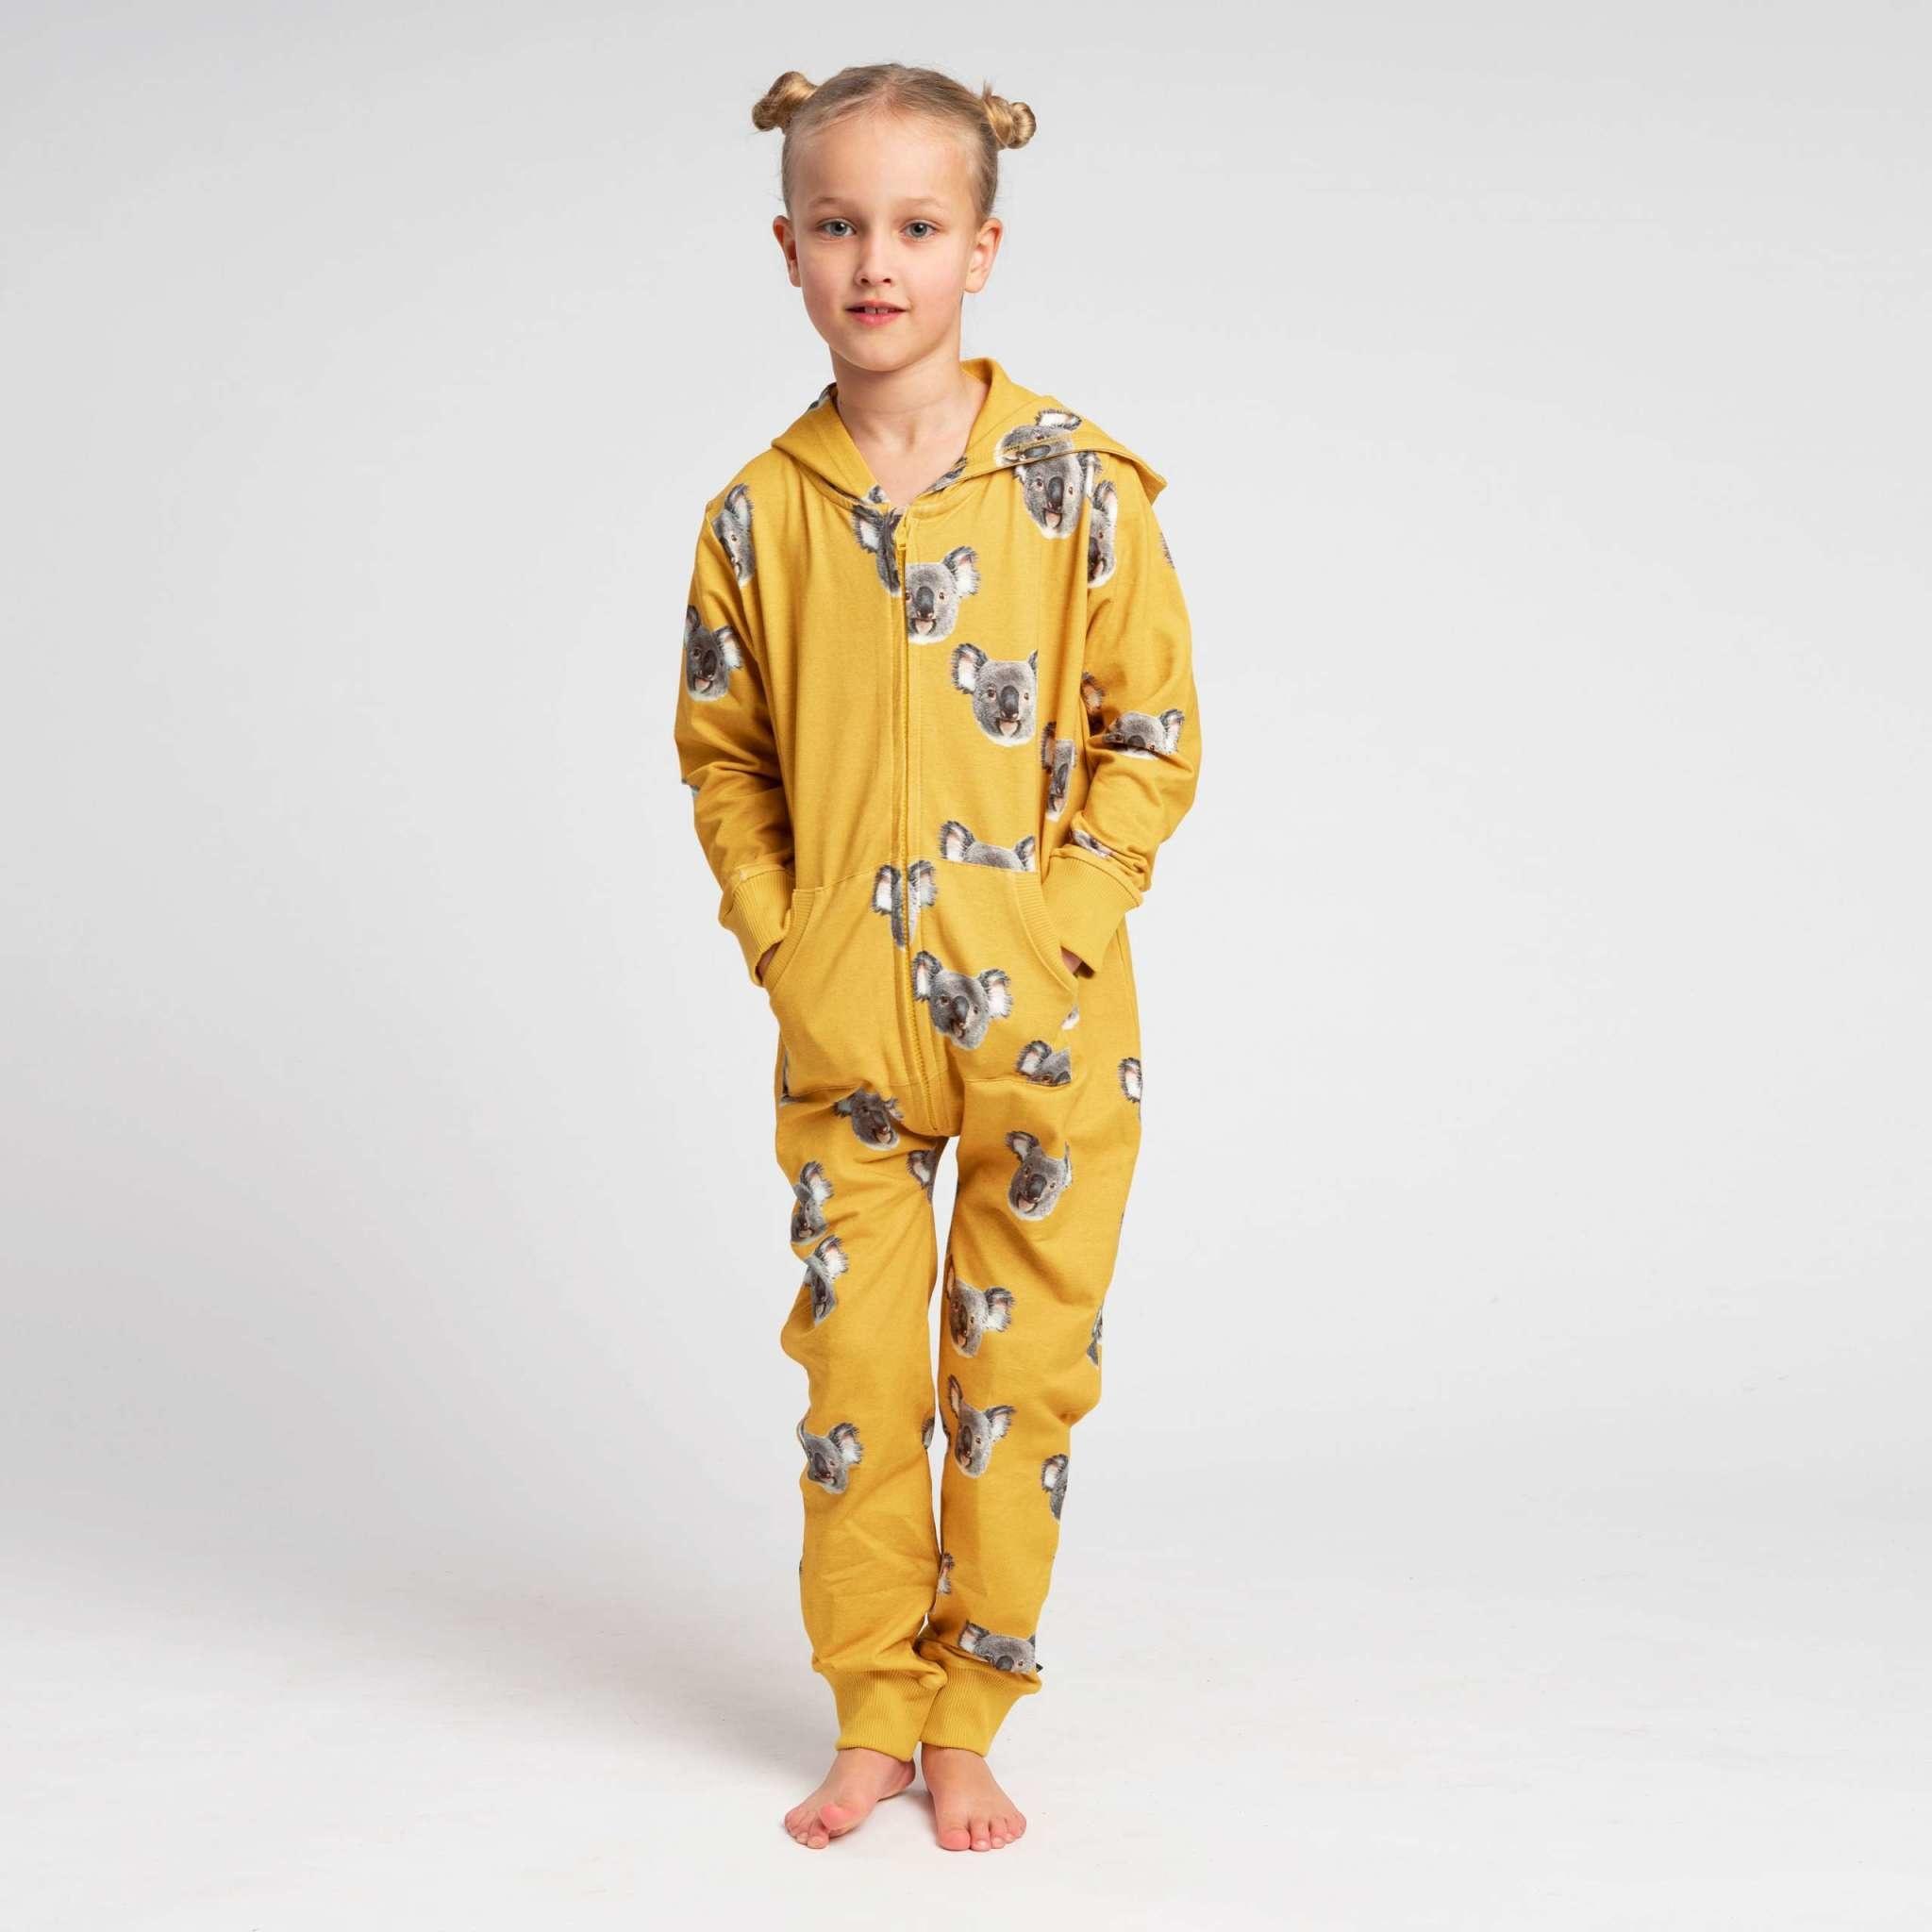 Snurk Snurk - Koalas onesie kids